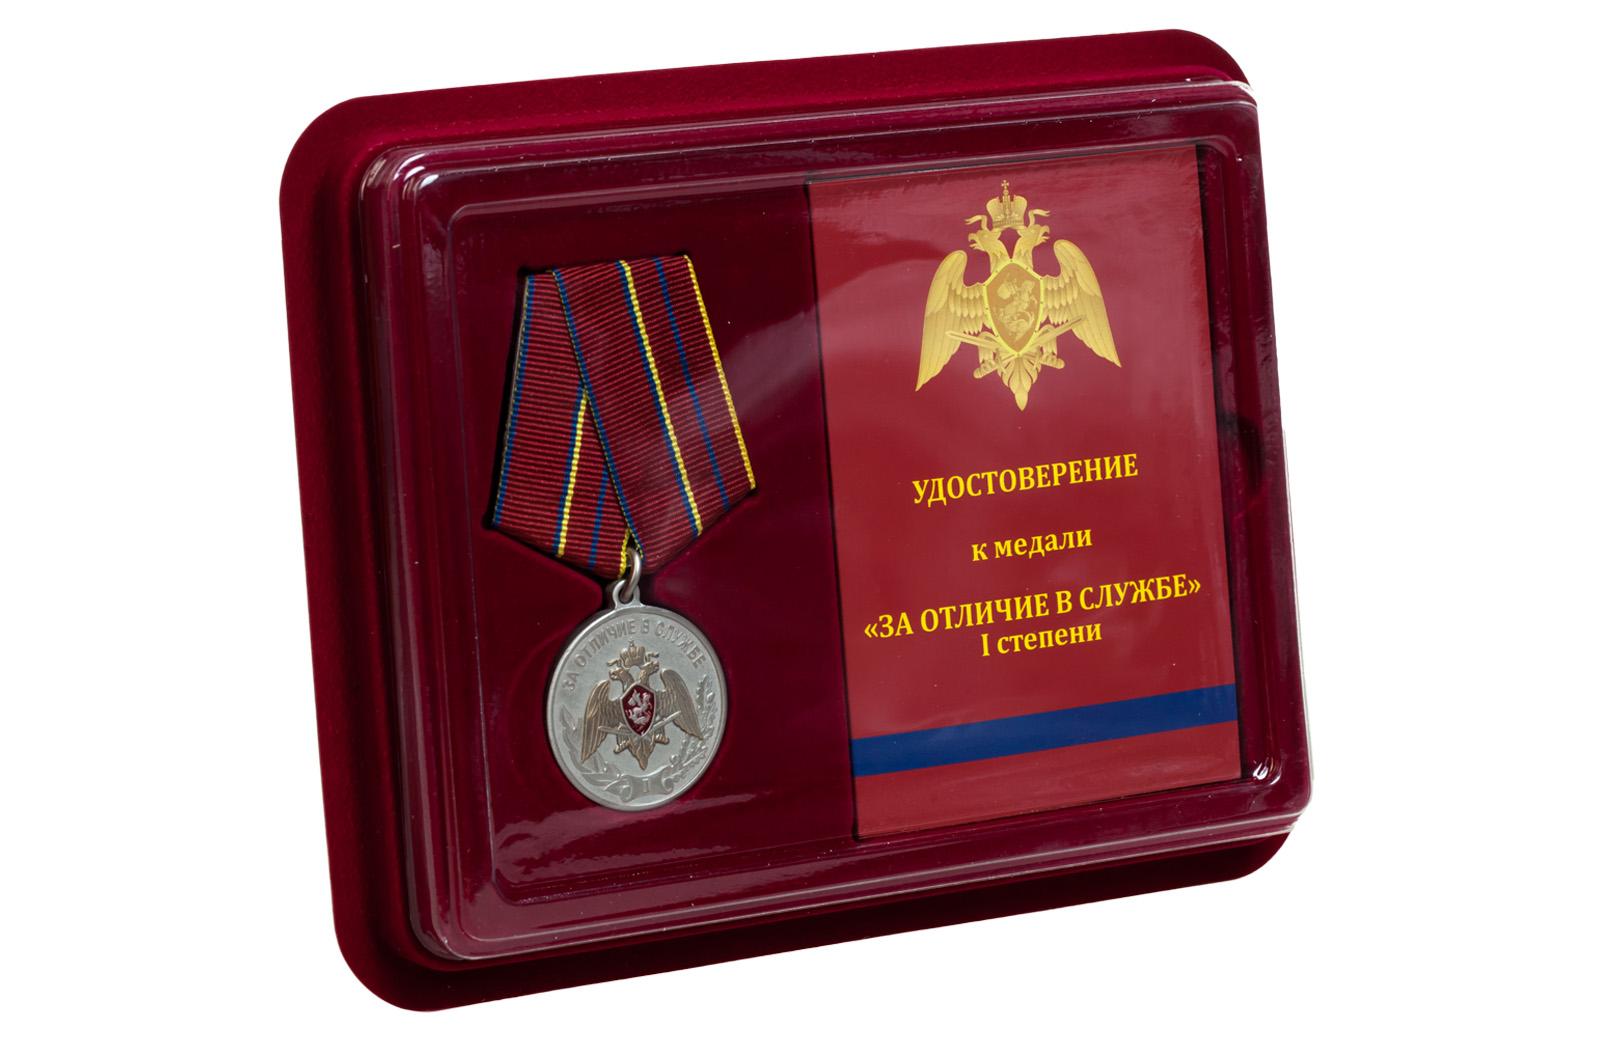 Купить медаль За отличие в службе 1 степени Росгвардия по лучшей цене